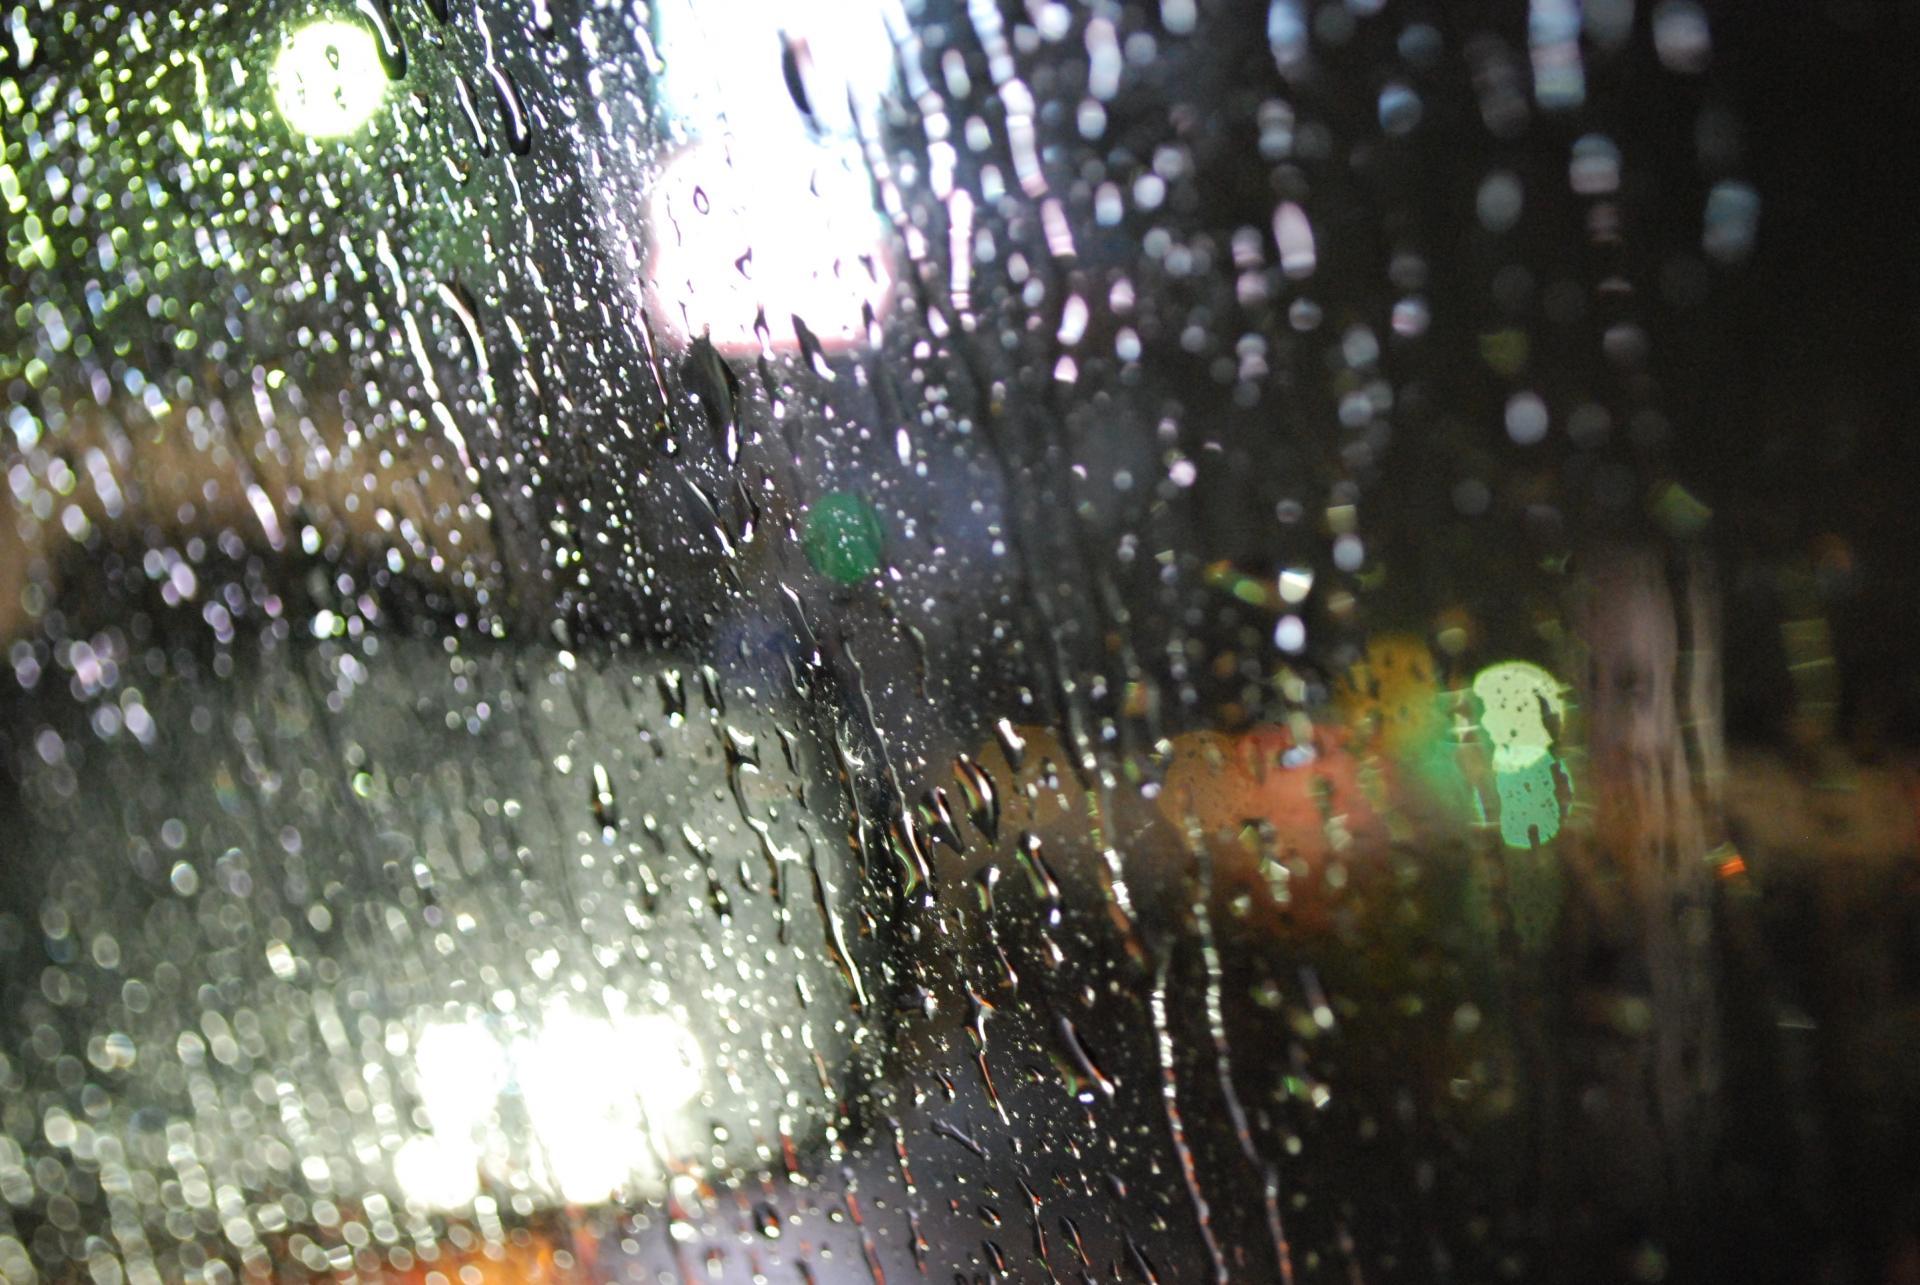 住宅診断の多い街は?地価の高さゆえ高まる「水害」リスク